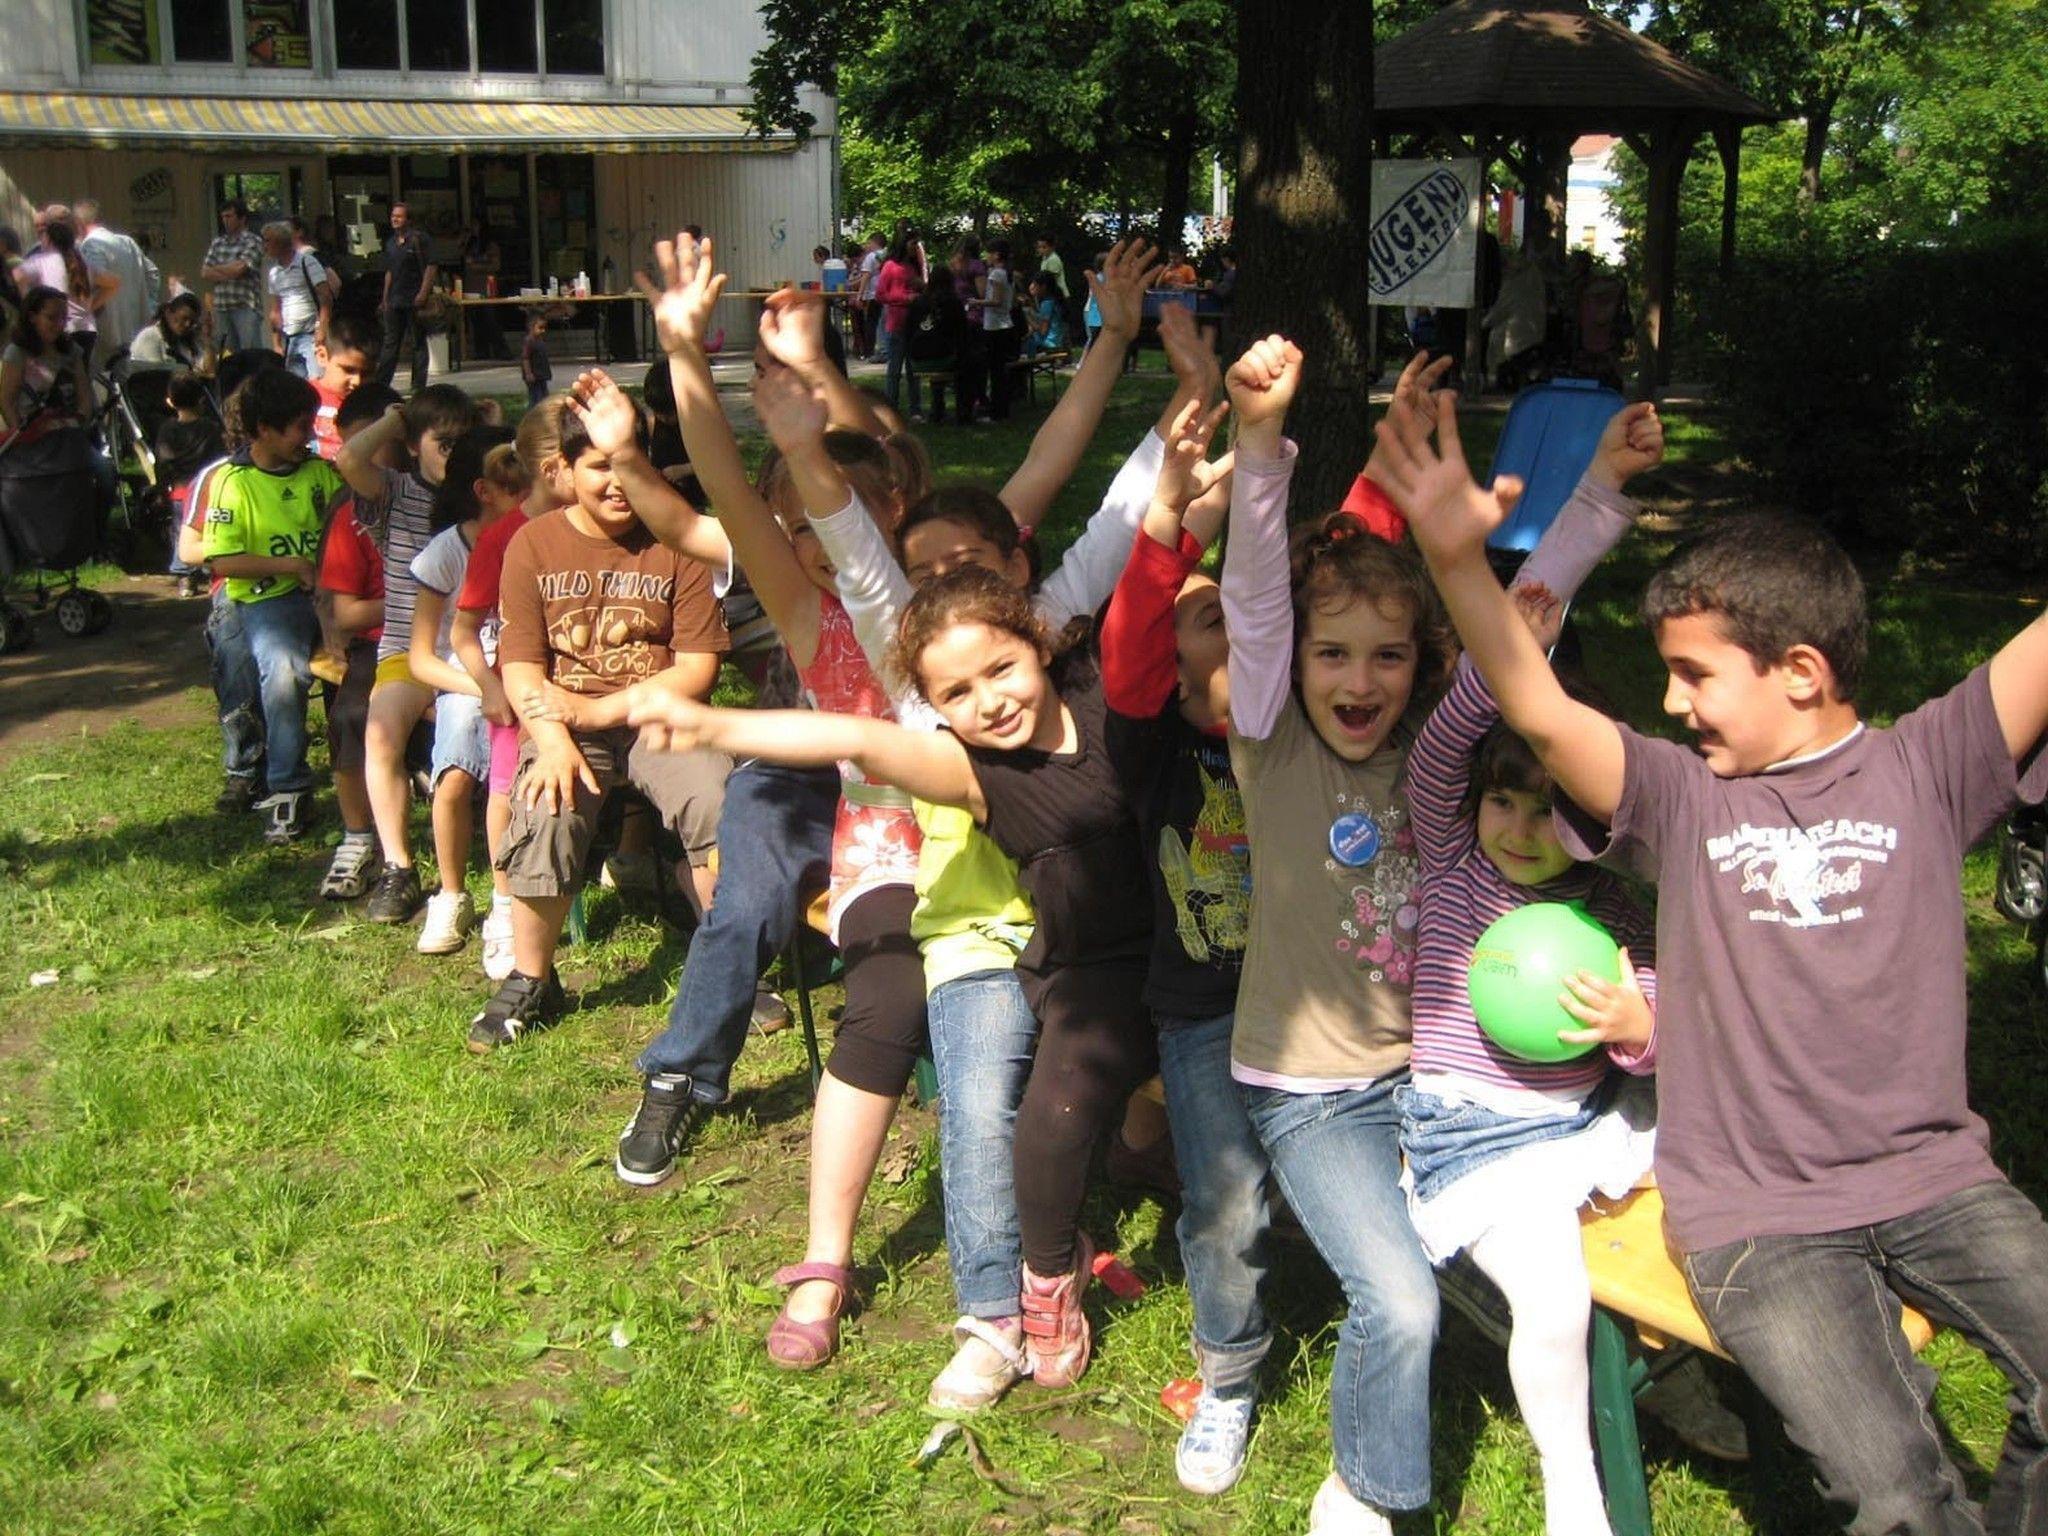 Gemeinsam feiern heißt es am Nachbarschaftstag am Freitag!